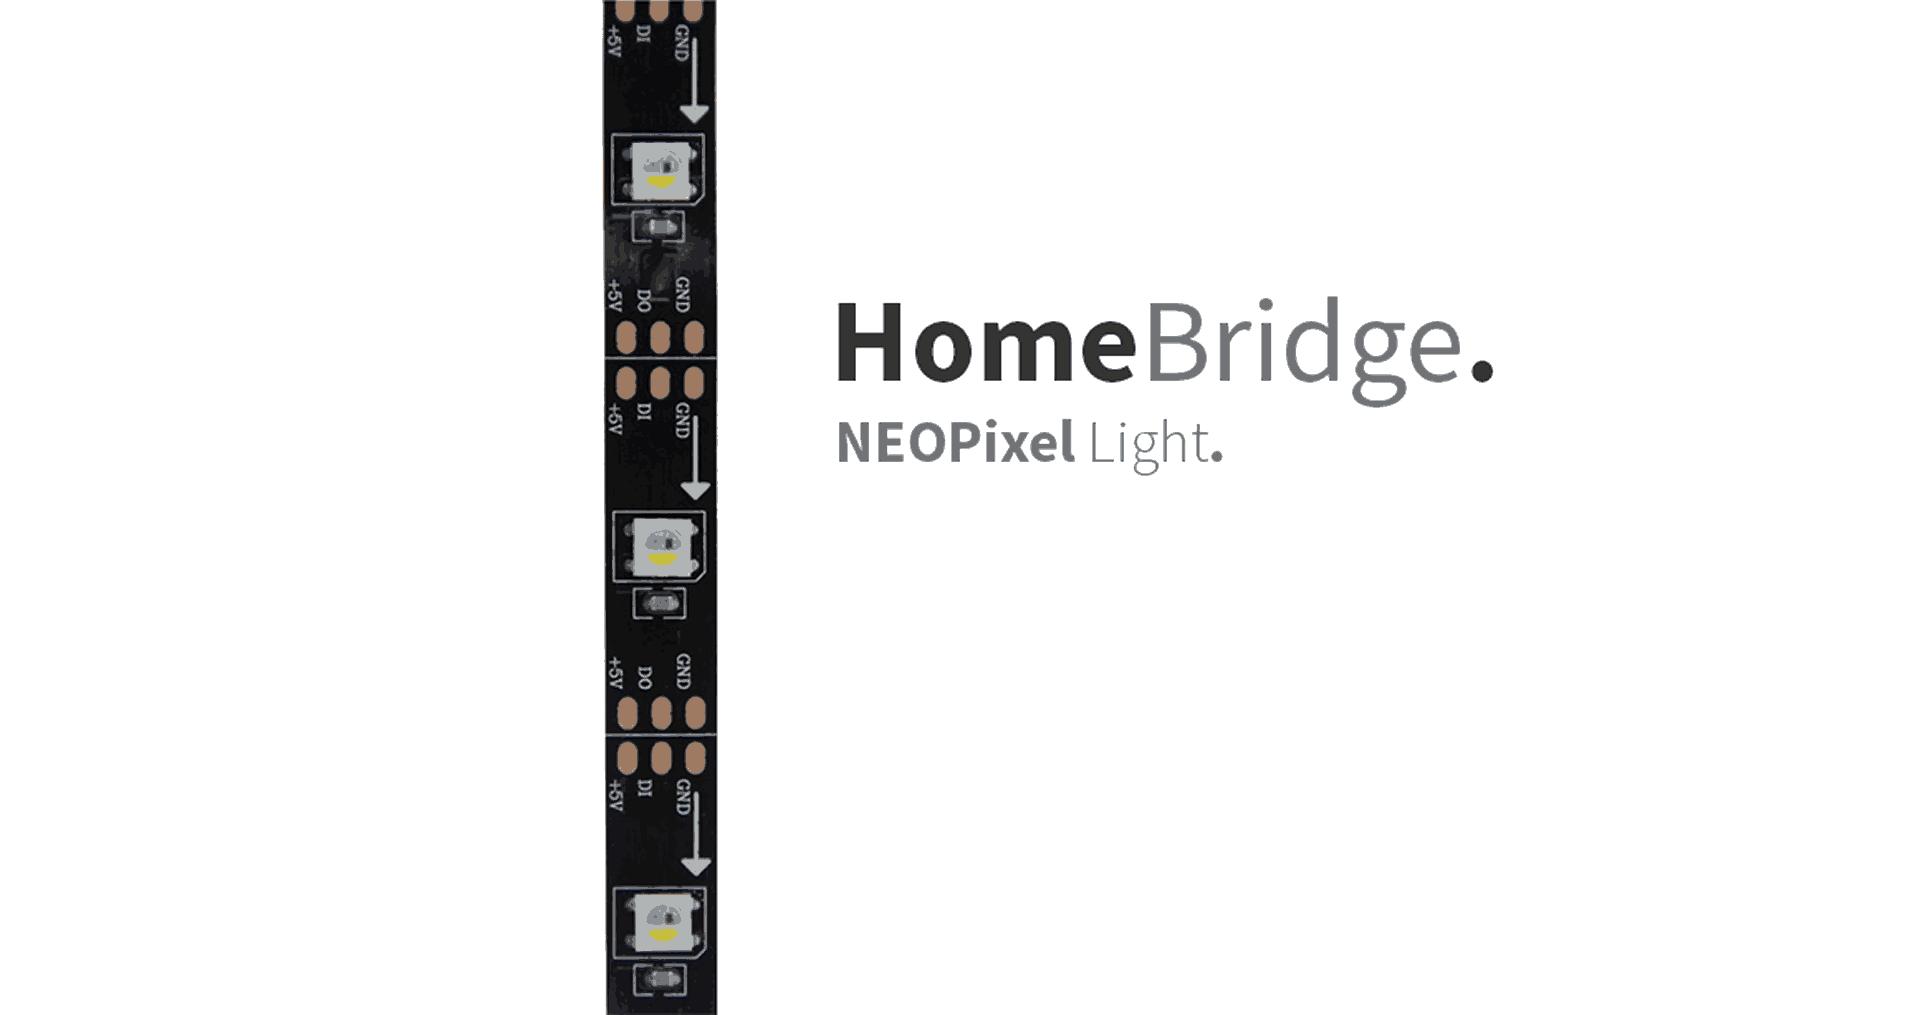 HomeBridge – NEOPixel Light